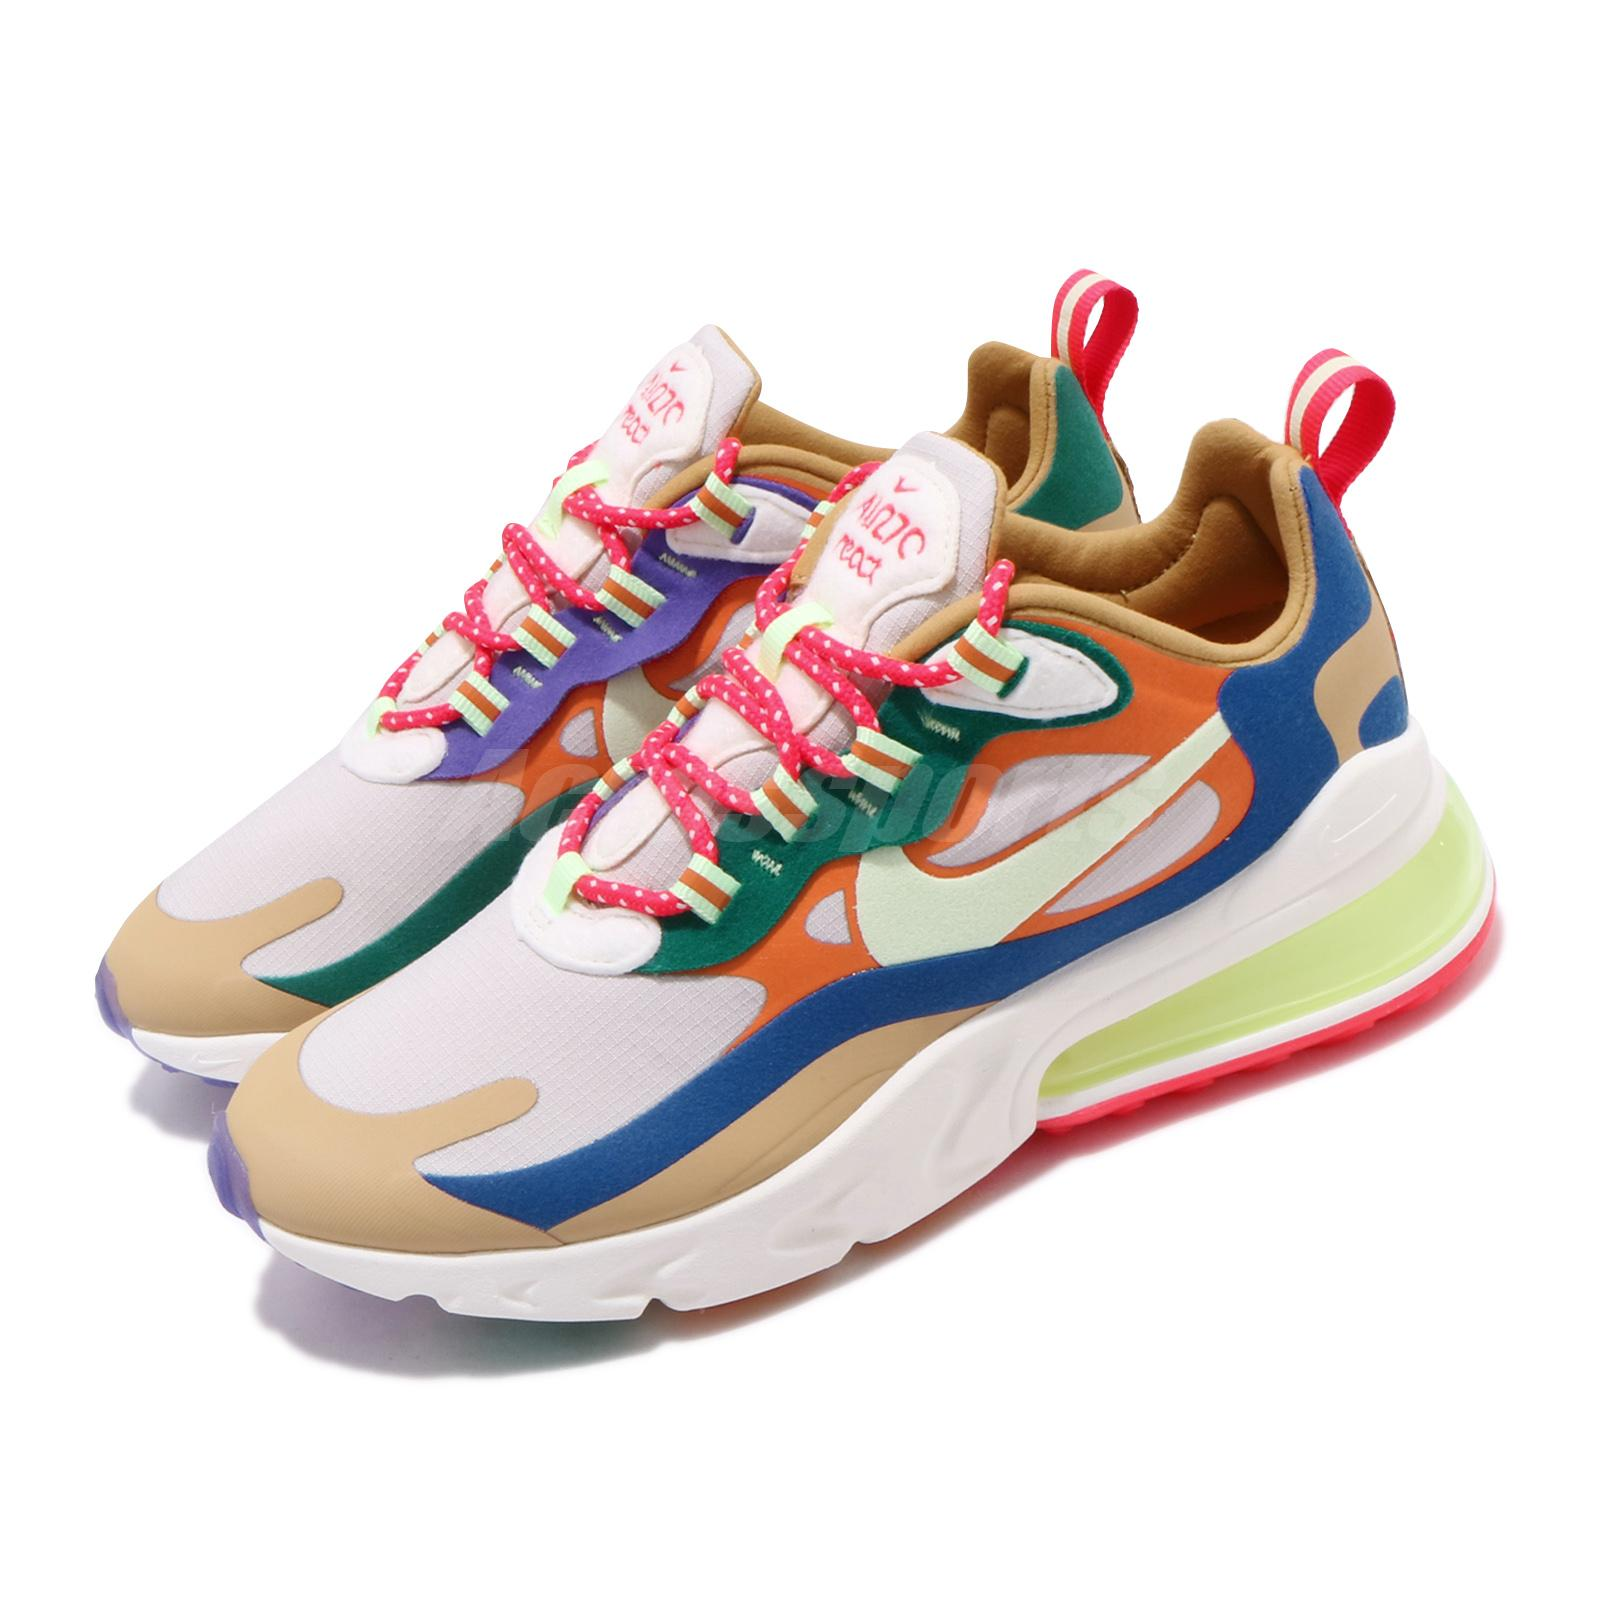 Details about Nike Wmns Air Max 270 React Desert Sand Volt Blue Womens  Running Shoe CQ4805-071